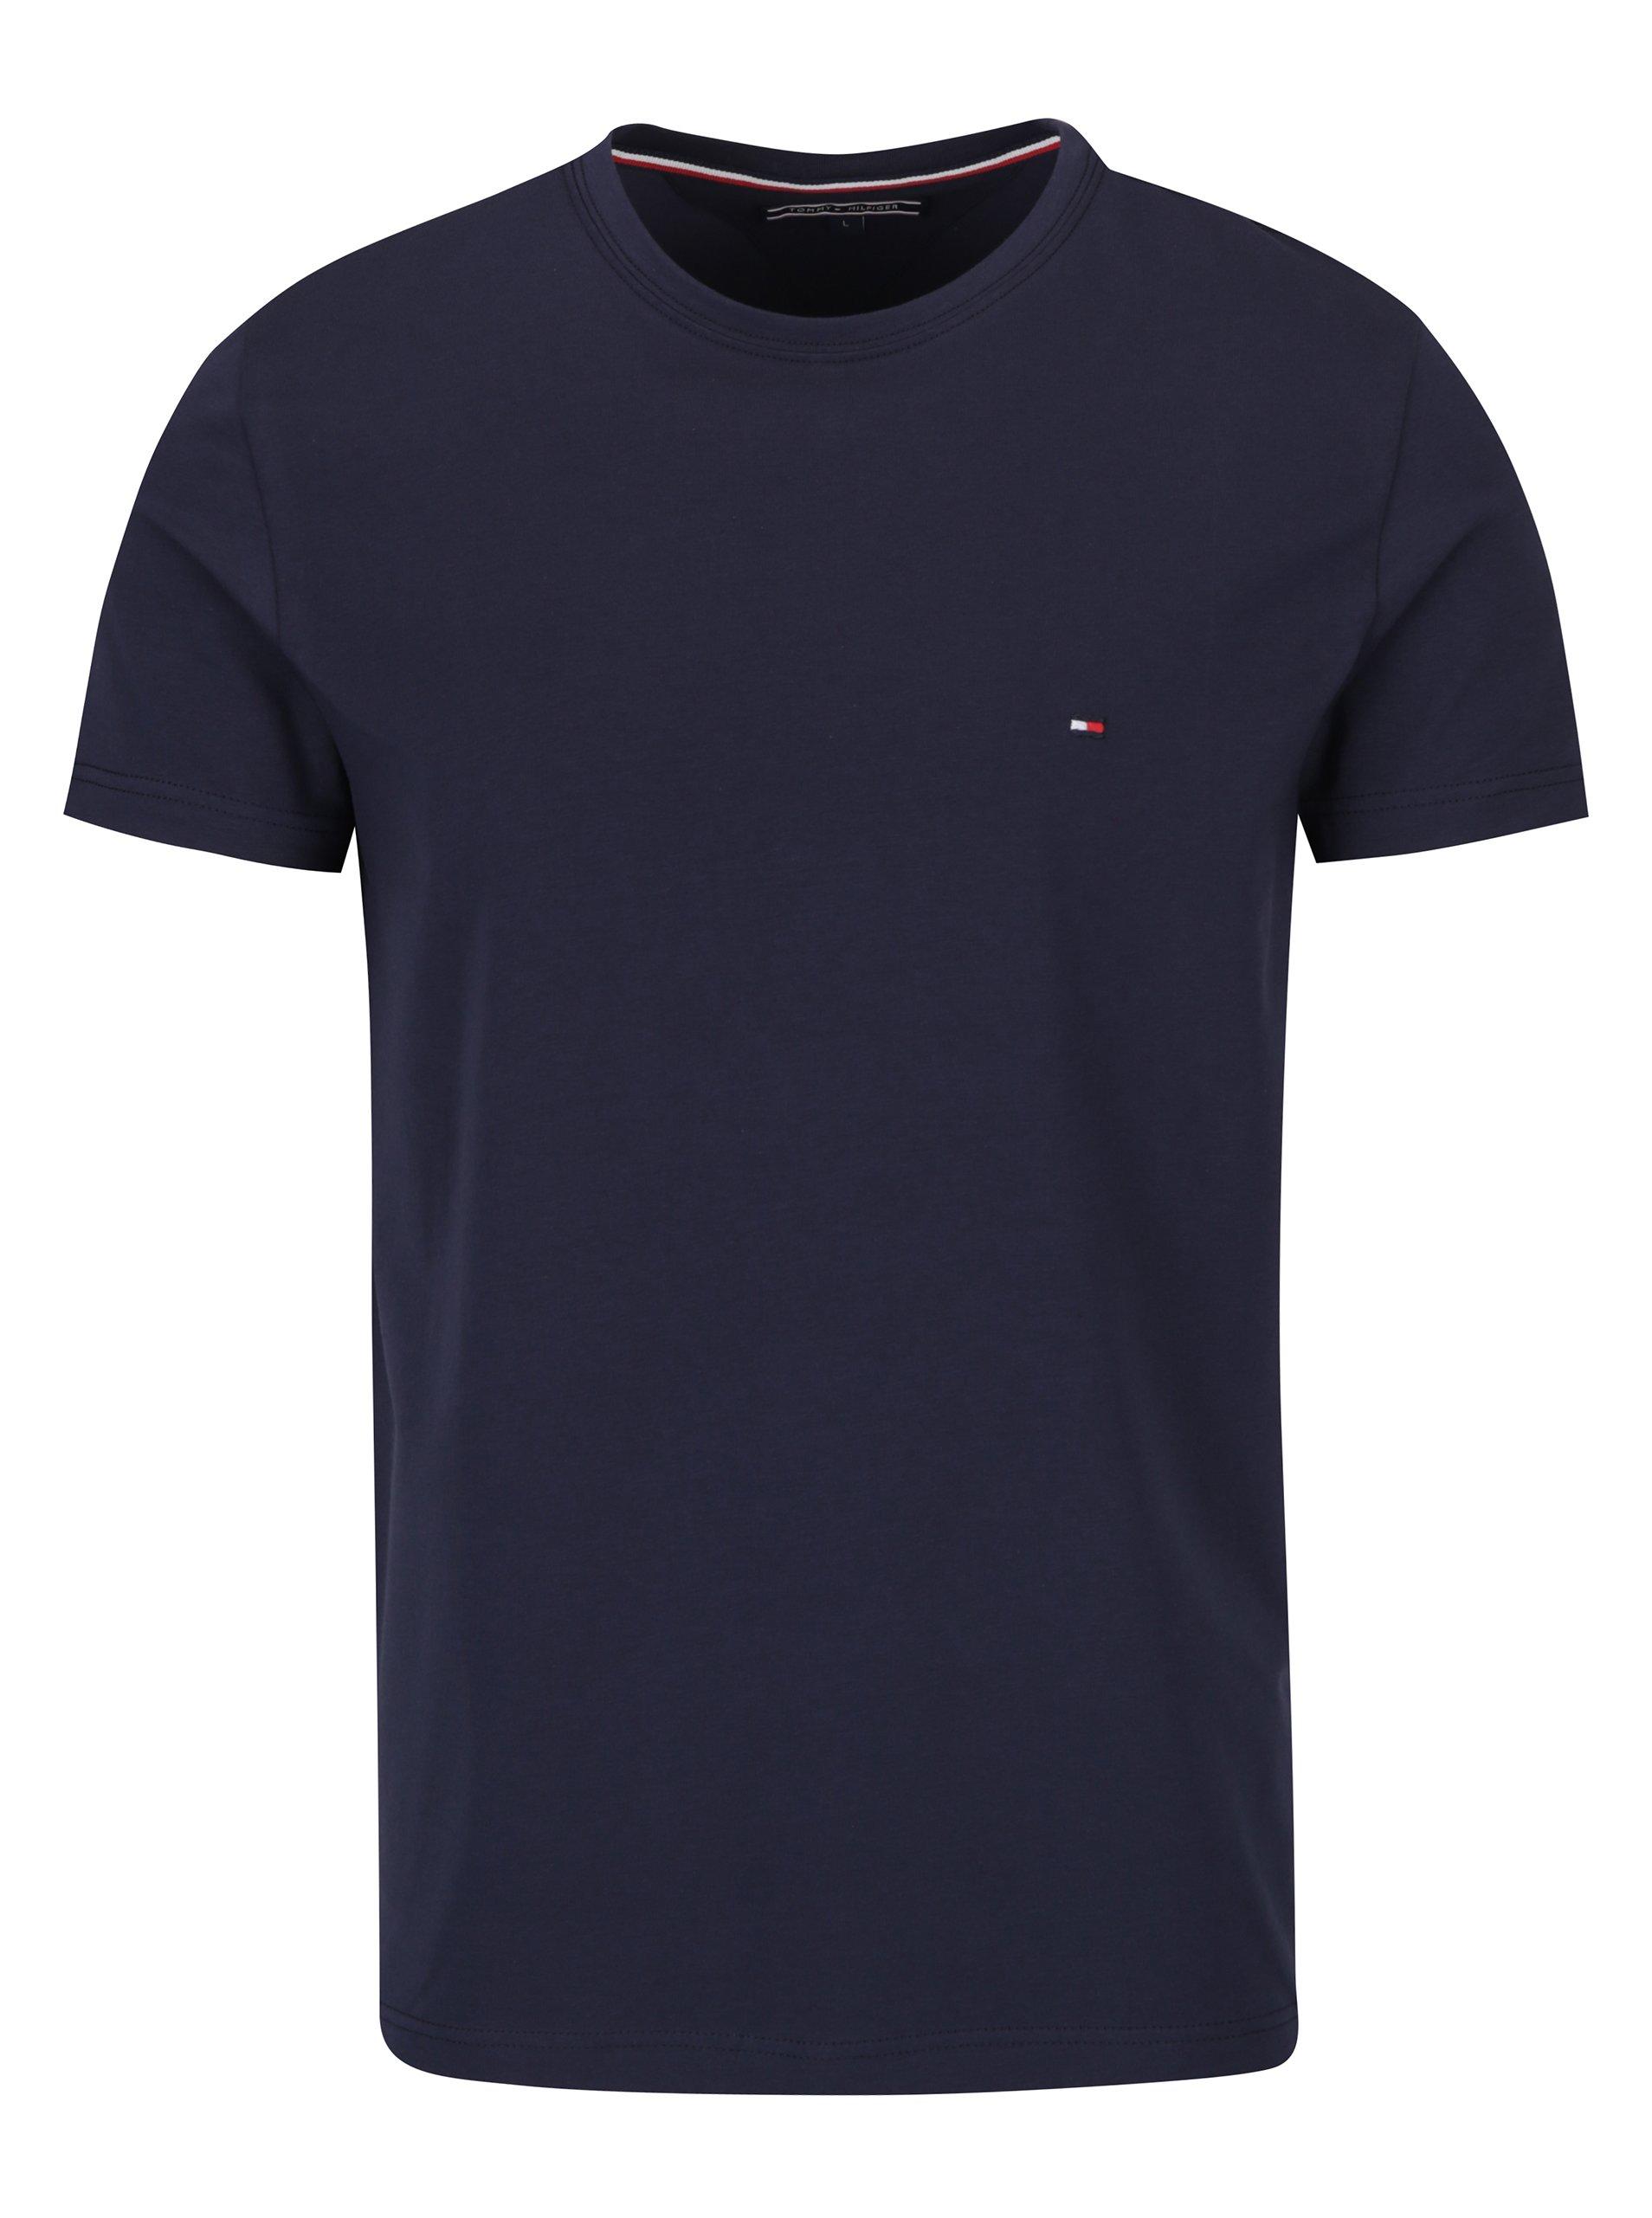 Tmavě modré pánské basic triko s krátkým rukávem Tommy Hilfiger New Stretch